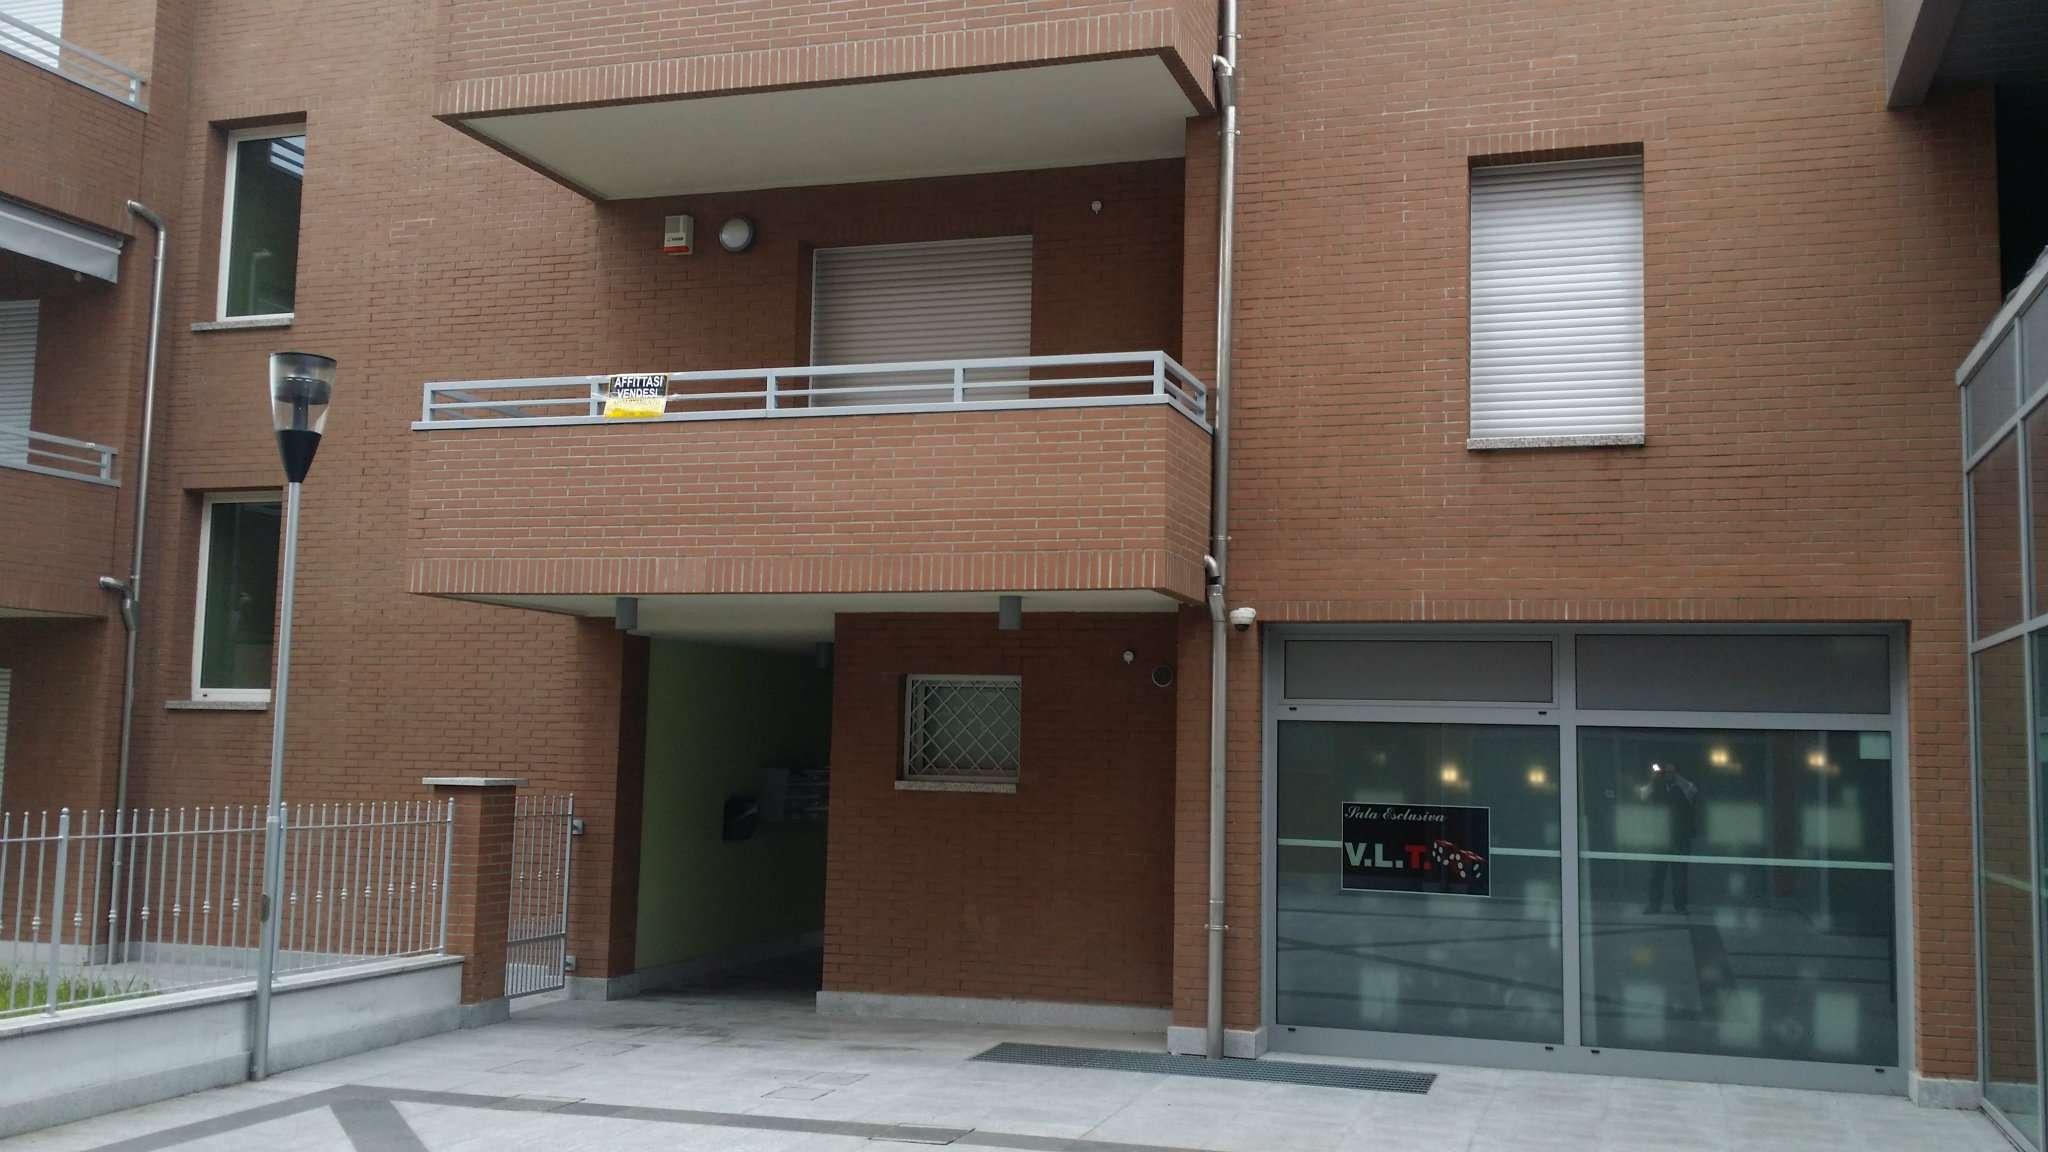 Appartamento in vendita a Sassuolo, 9999 locali, prezzo € 110.000 | CambioCasa.it